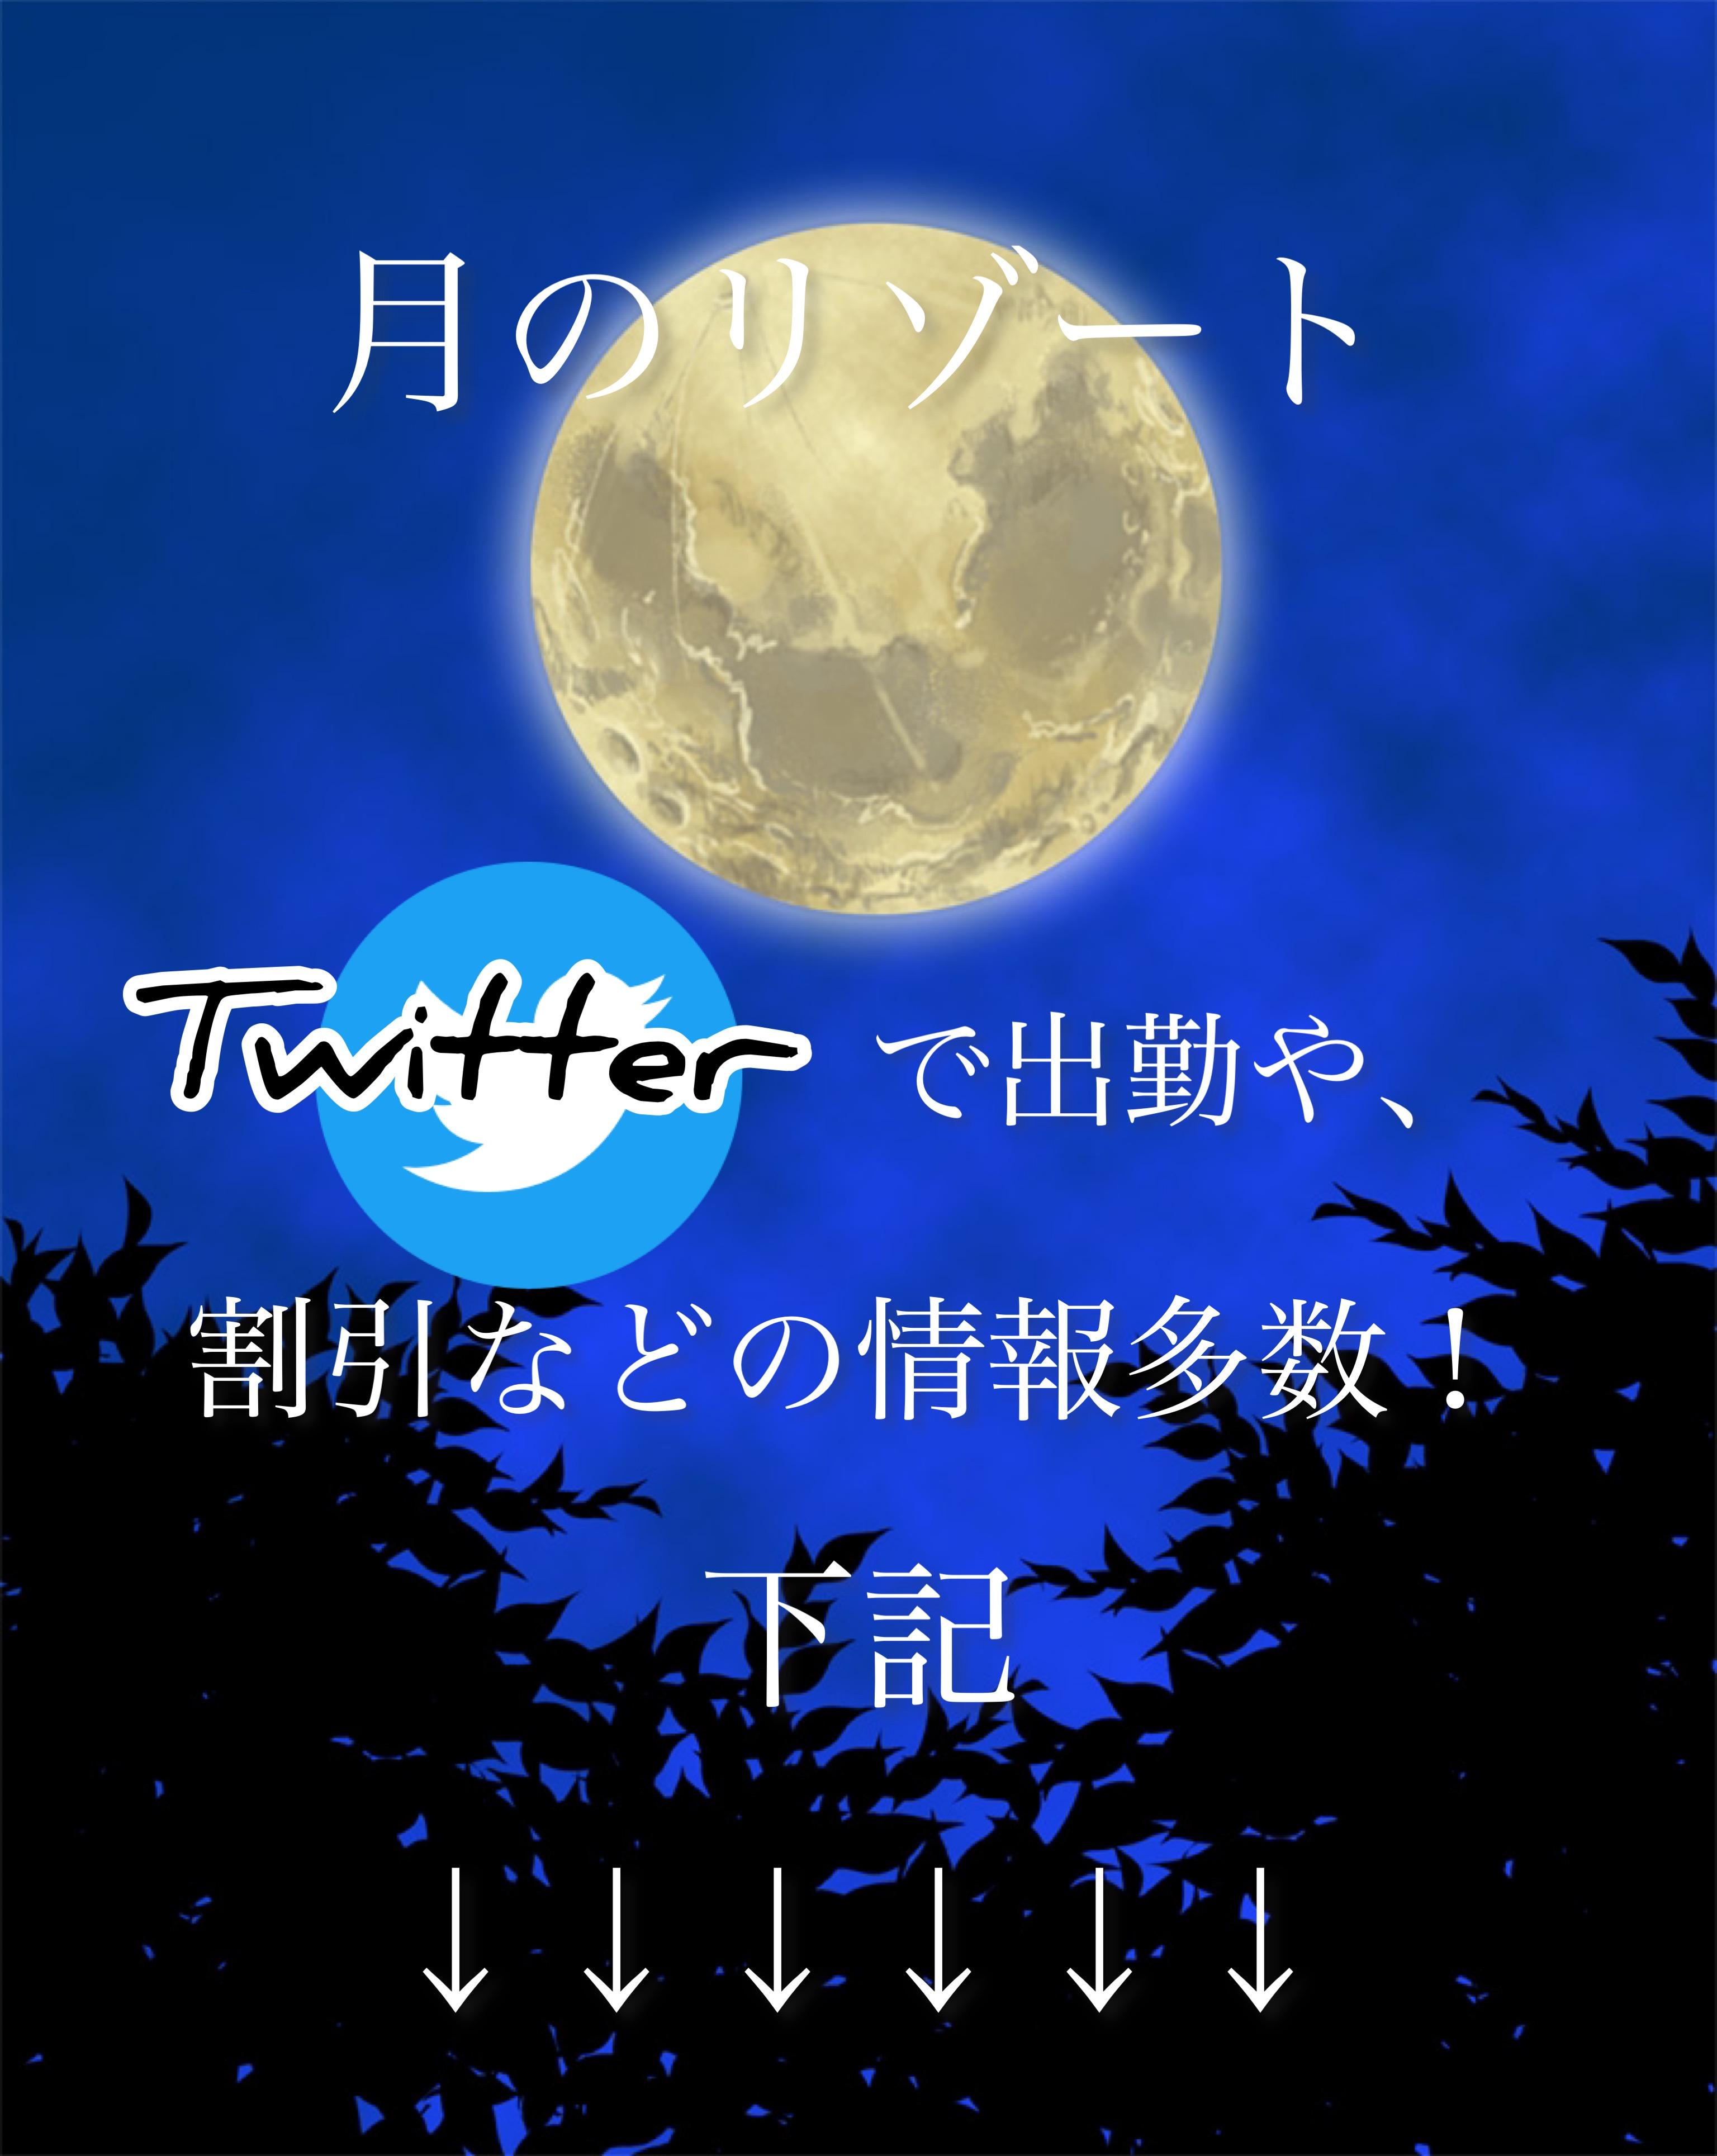 ◆下記にTwitterや割引の情報あり◆の写真1